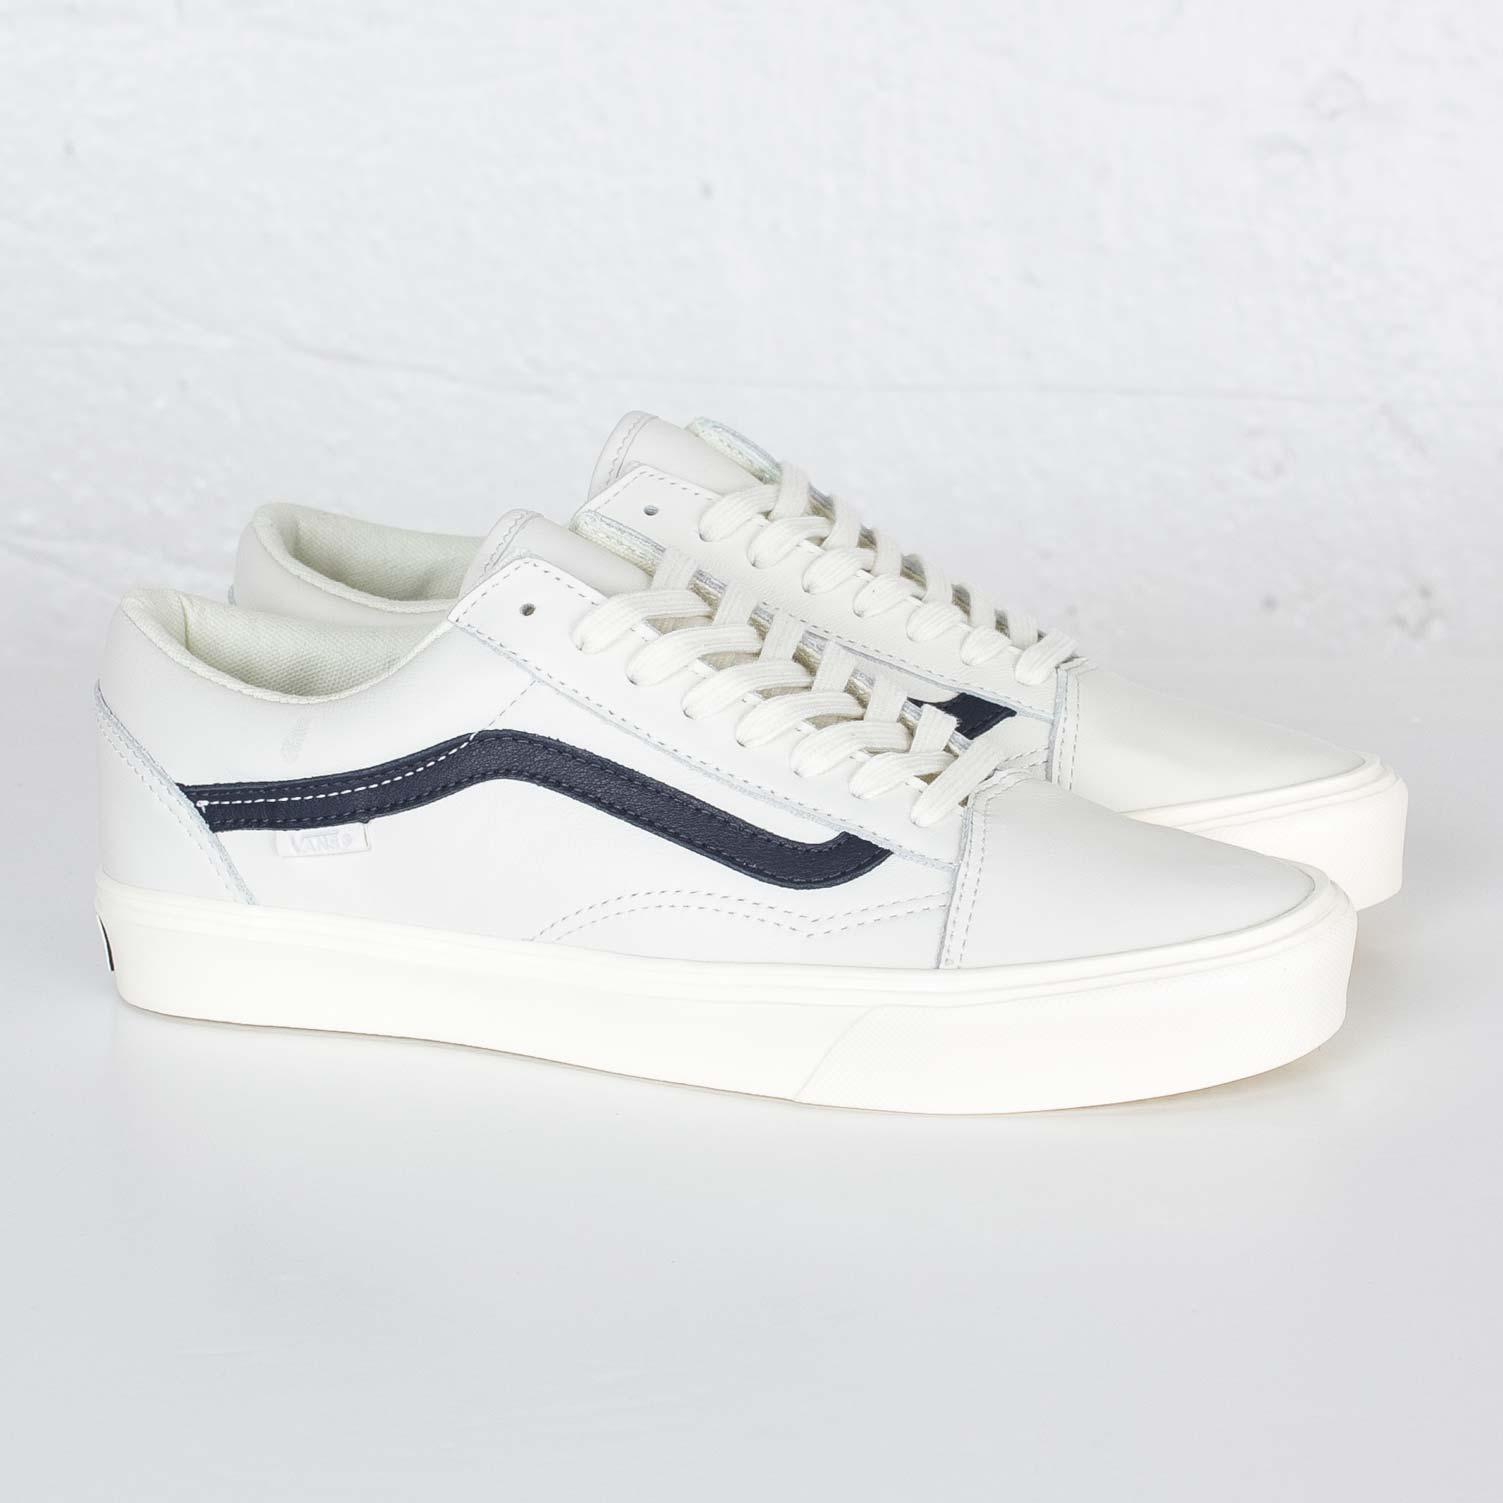 d17bf9f3897465 Vans Old Skool Lite LX - V4kwifi - Sneakersnstuff